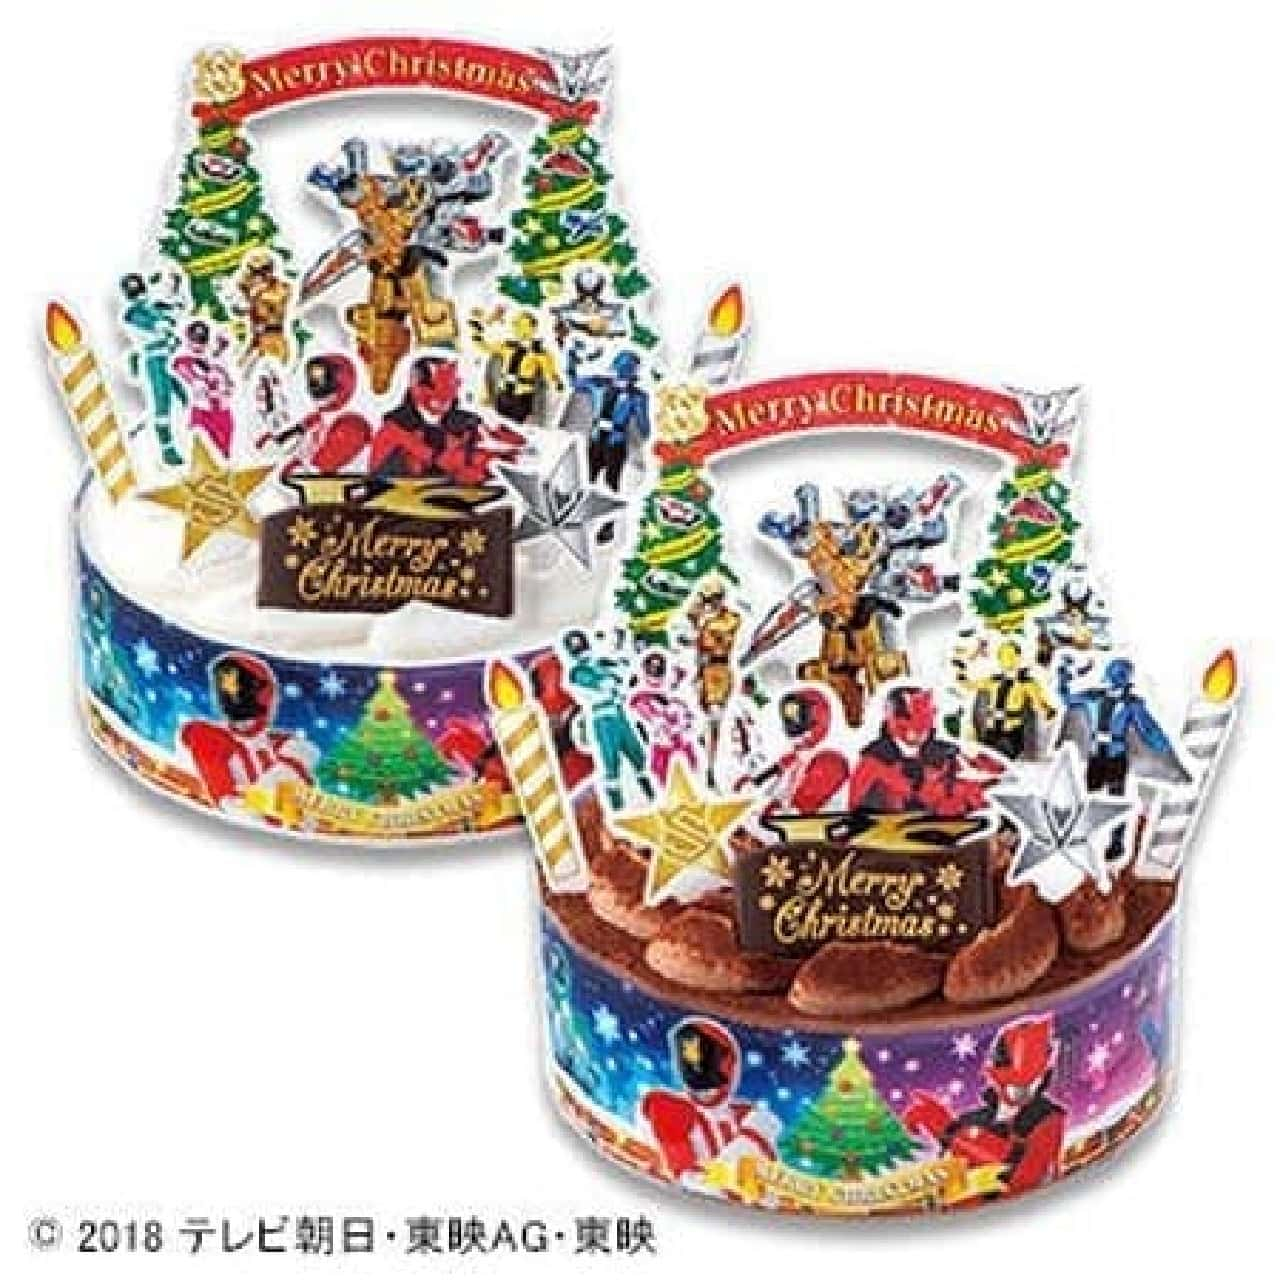 不二家「キャラデコクリスマス 怪盗戦隊ルパンレンジャーVS警察戦隊パトレンジャー チョコレートケーキ」